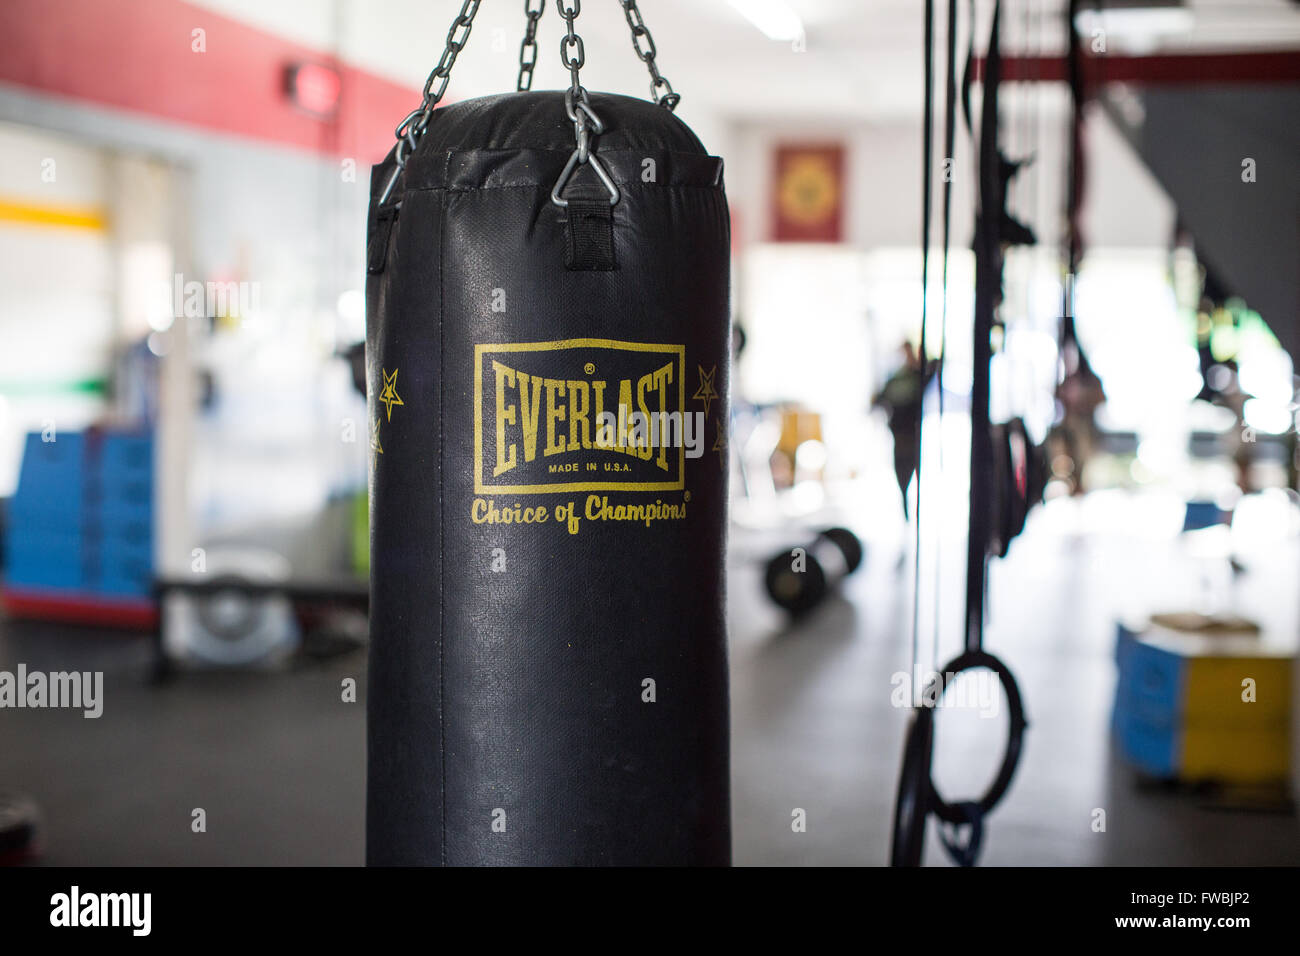 Un sac de boxe Everlast à l'intérieur d'une boîte de CrossFit en Californie. Photo Stock